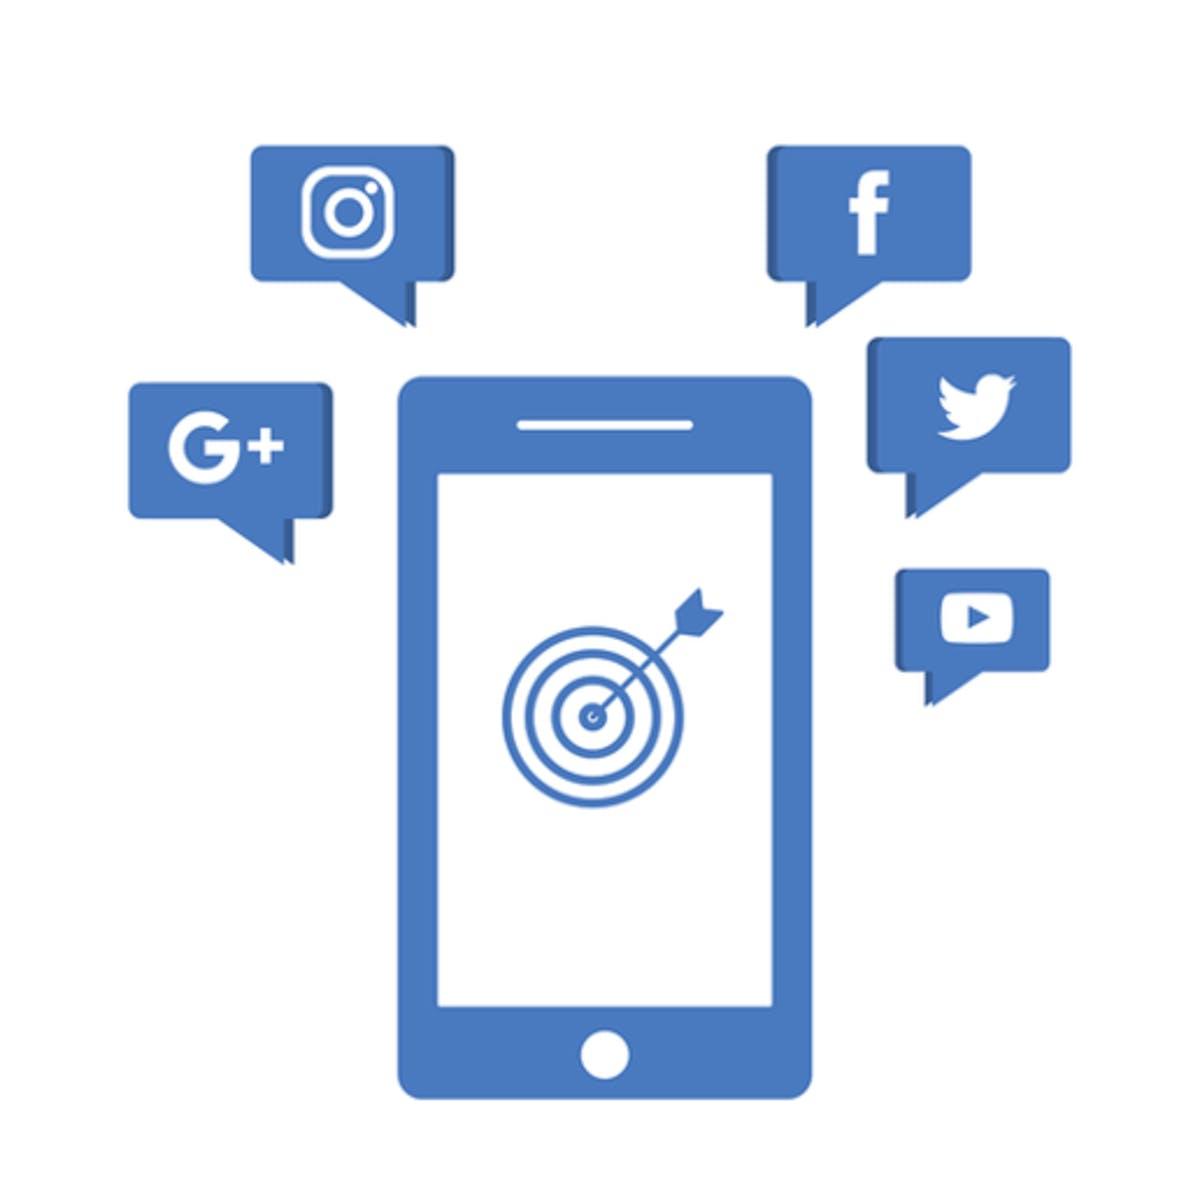 Цифровой маркетинг и социальные сети